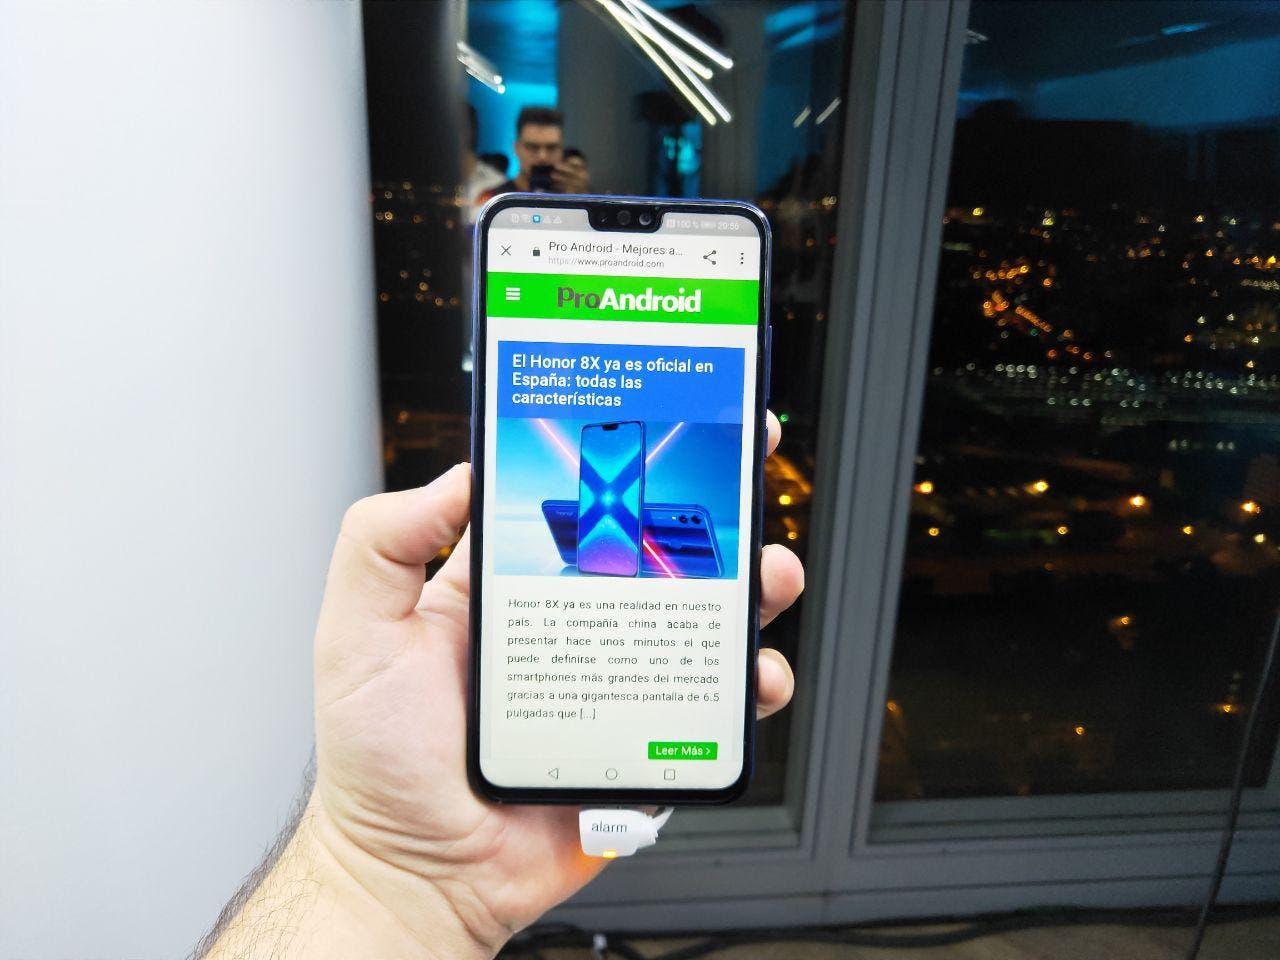 El Honor 8X comienza a recibir Android 9 Pie en España